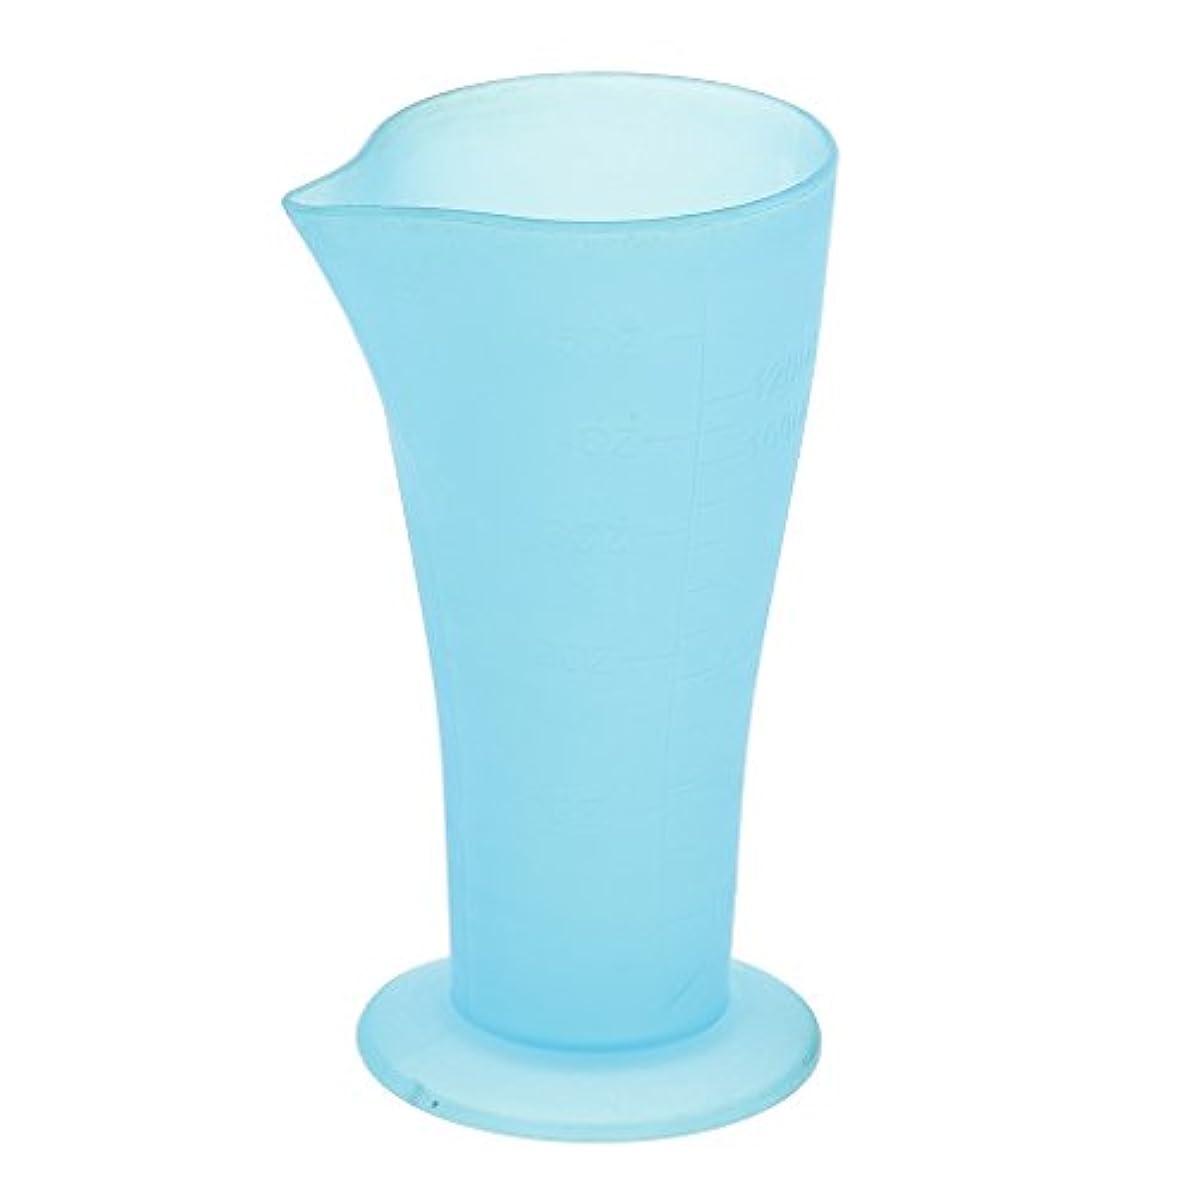 CUTICATE 計量カップ ヘアダイカップ ヘアカラーカップ 再使用可 120mL ヘアサロン